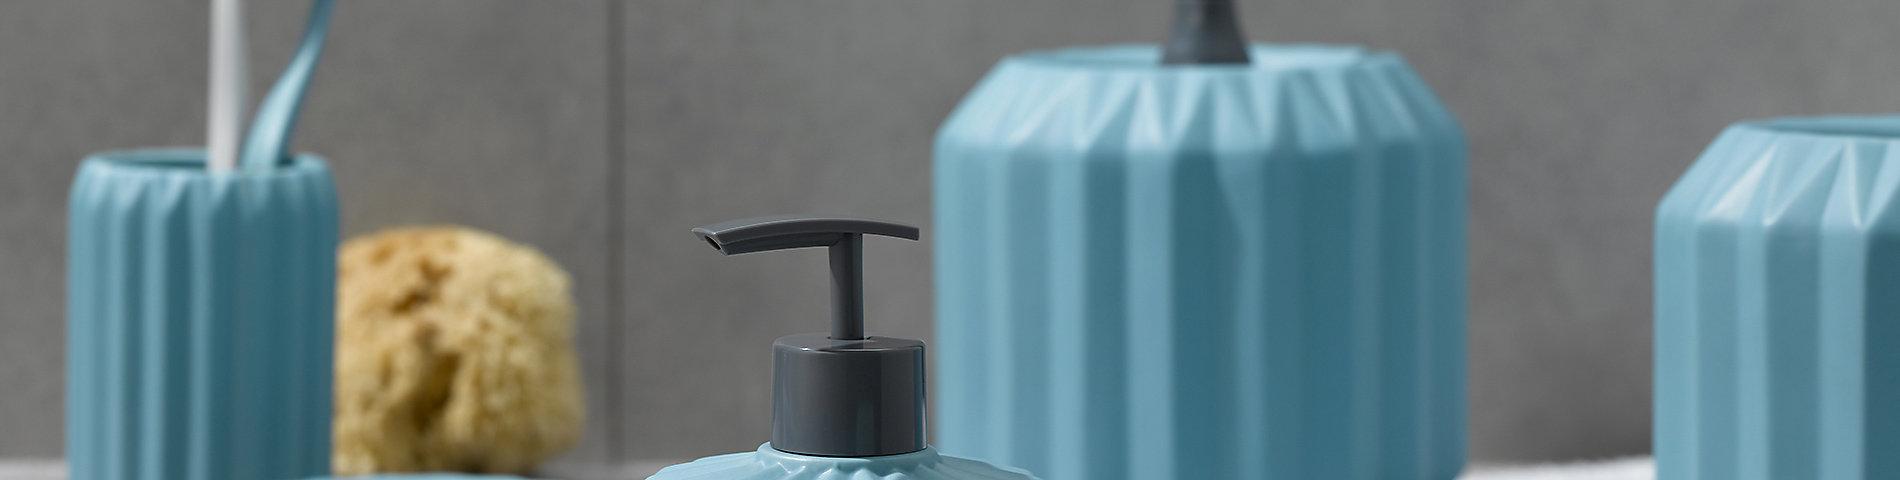 Bad-Accessoires wie Seifenspender und Spiegel für Ihre Badausstattung